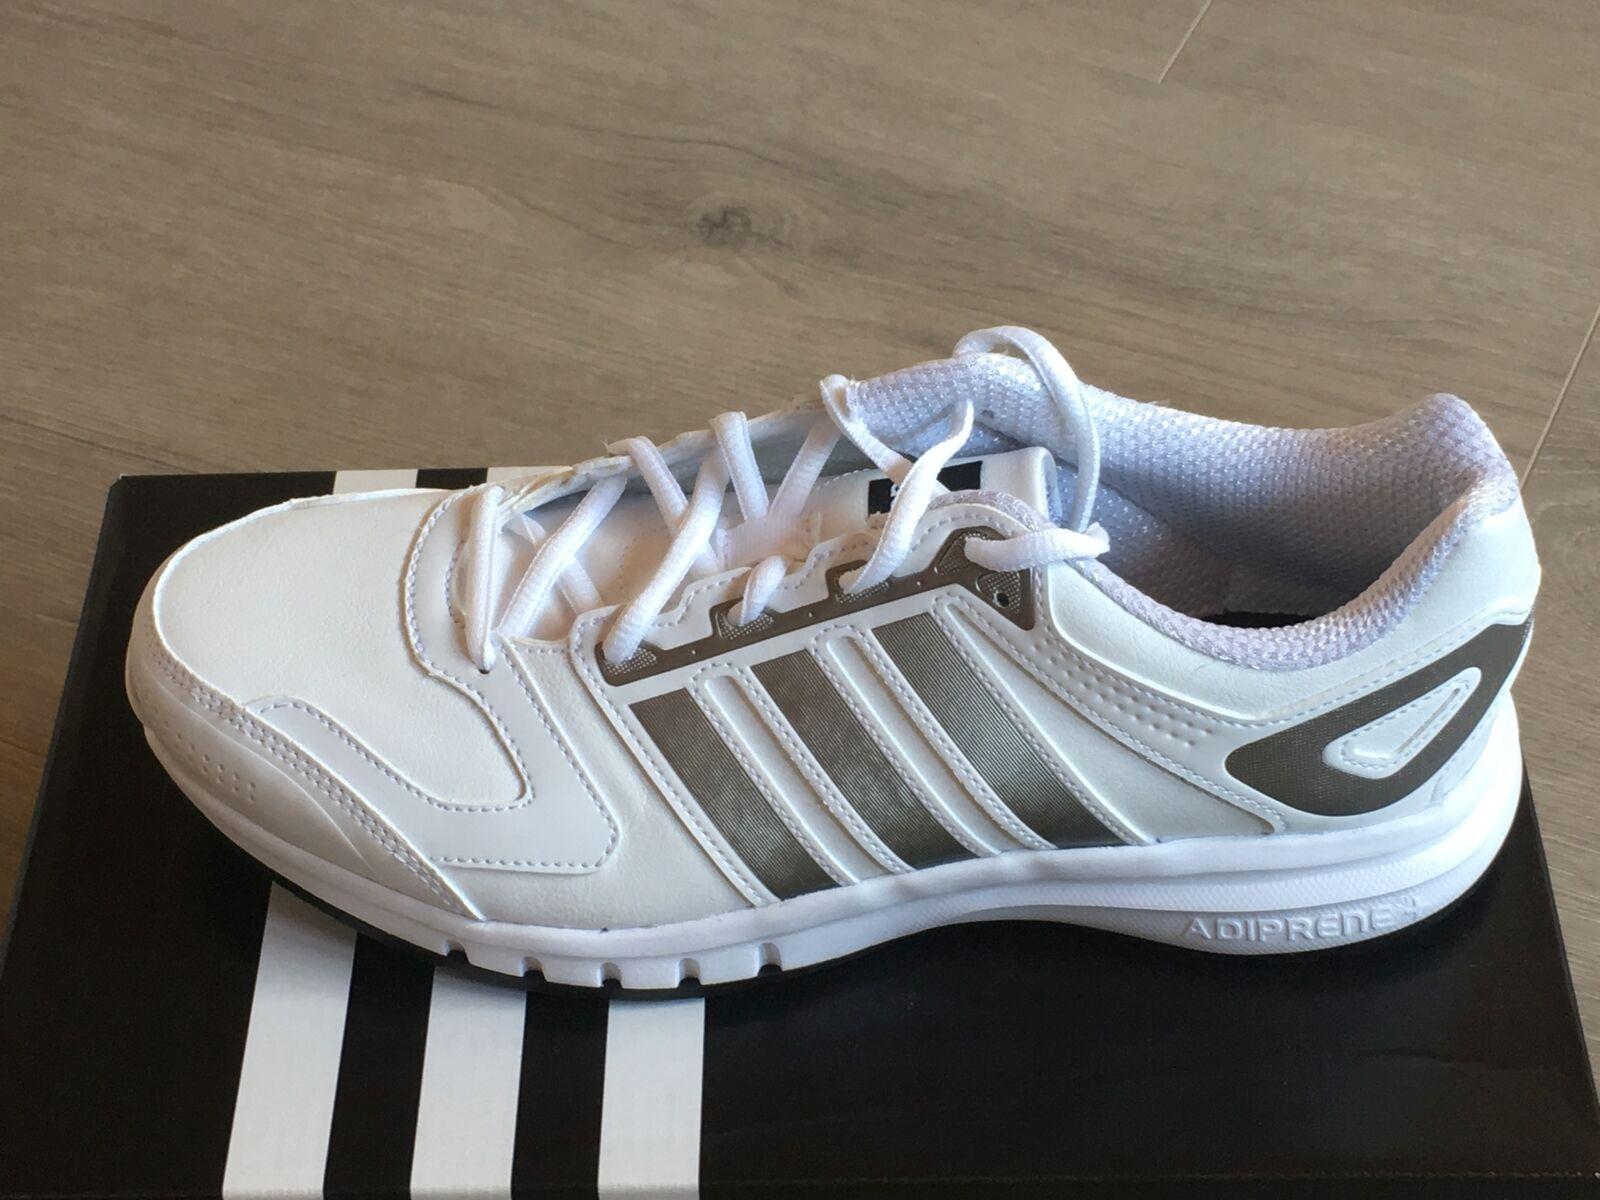 Adidas Galaxy lea m hombre blancoo-plata zapatillas cortos zapatos aerobic m21899